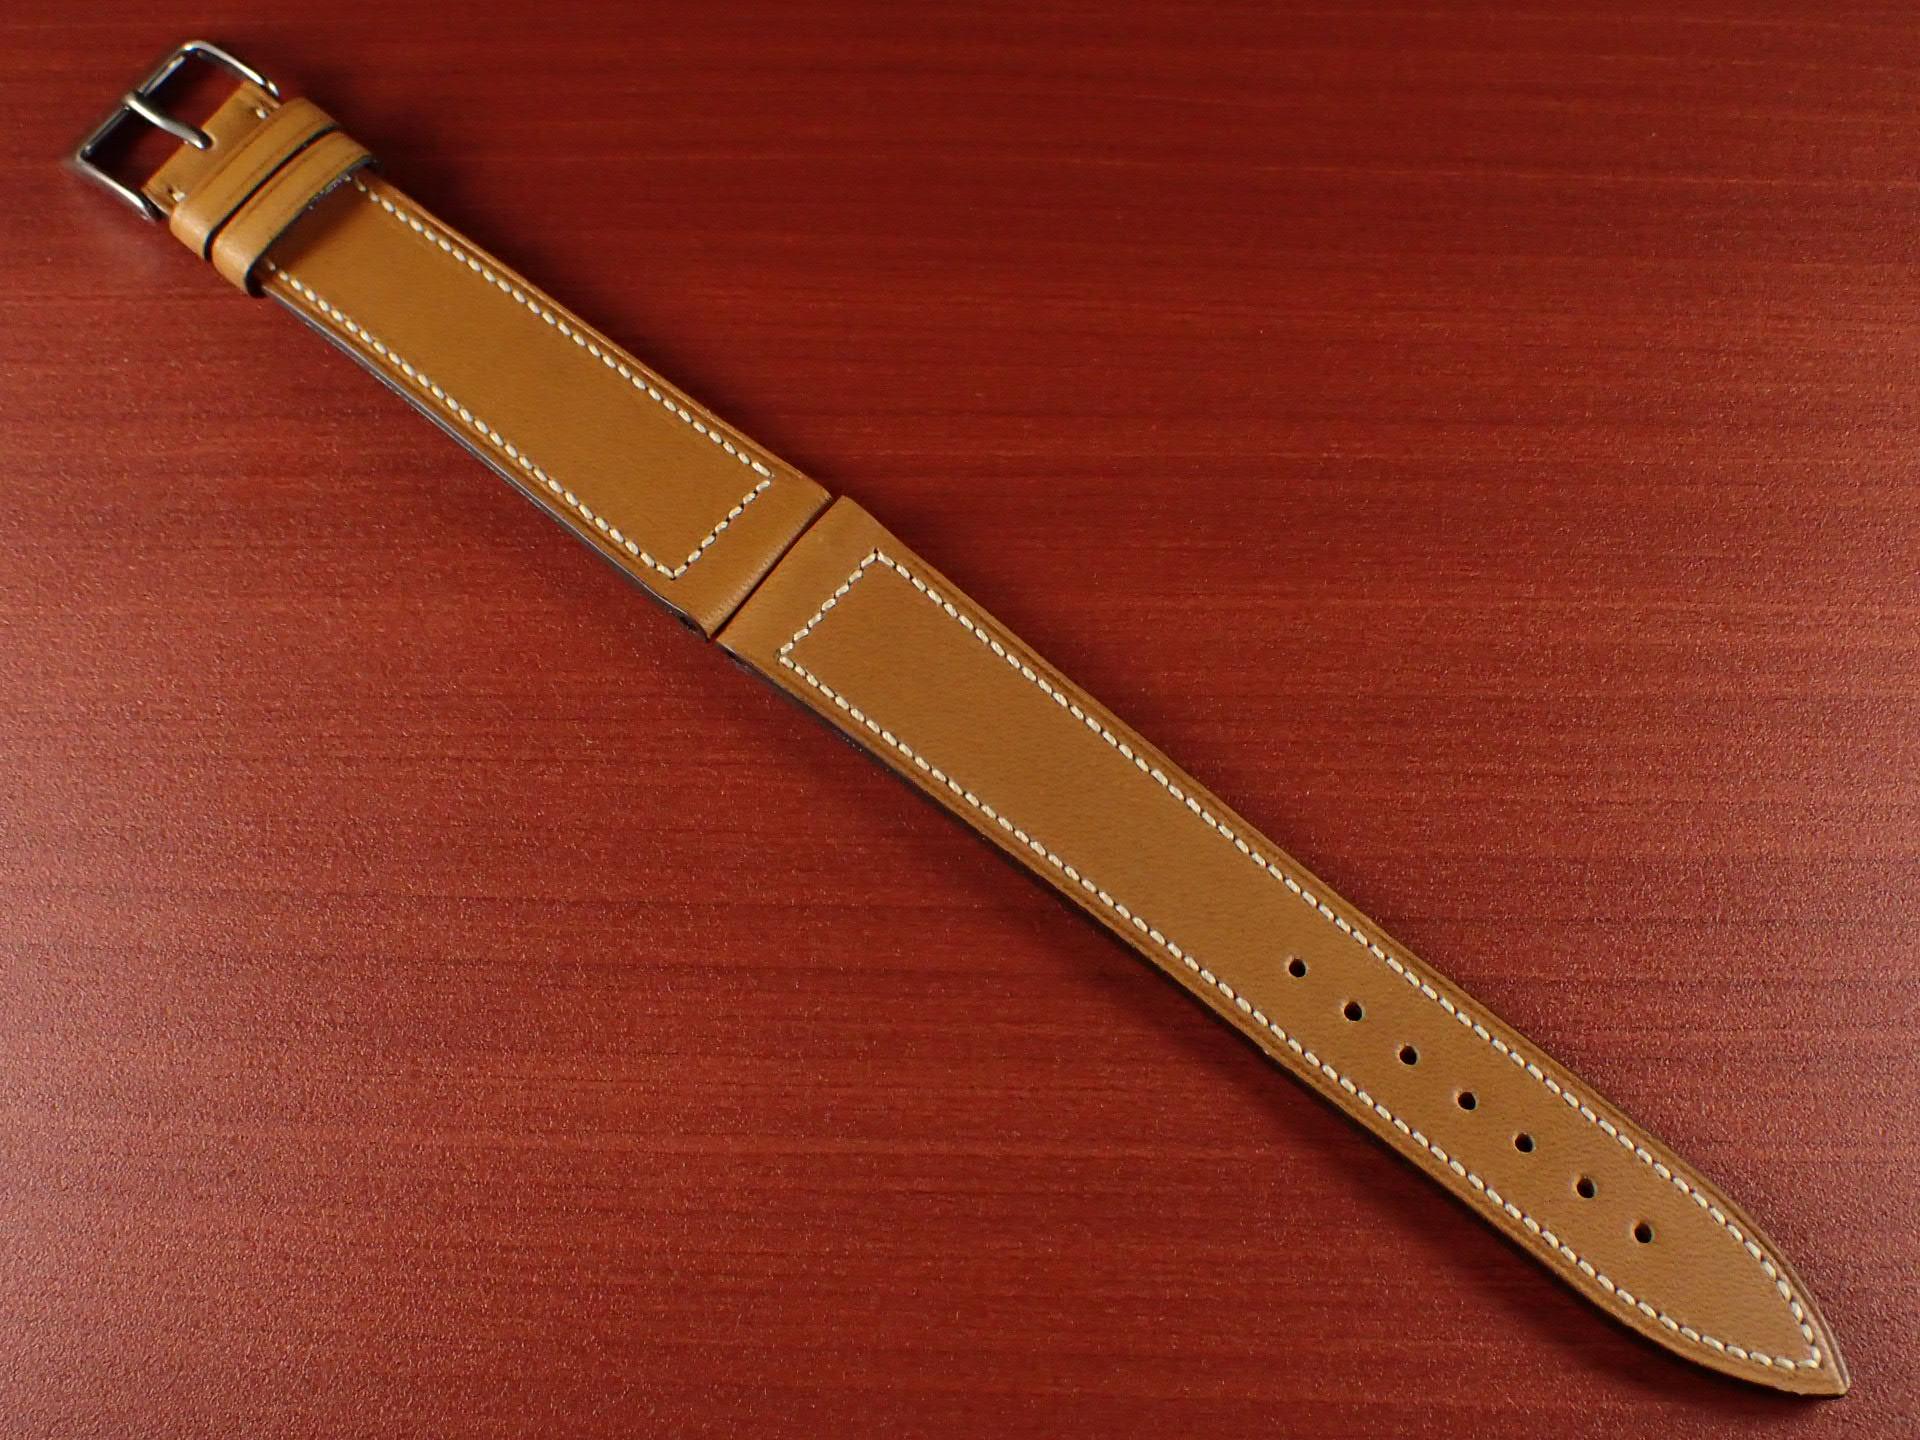 ジャン・クロード ペラン革ベルト カーフ キャメル 16、17、18、19、20mmのメイン写真